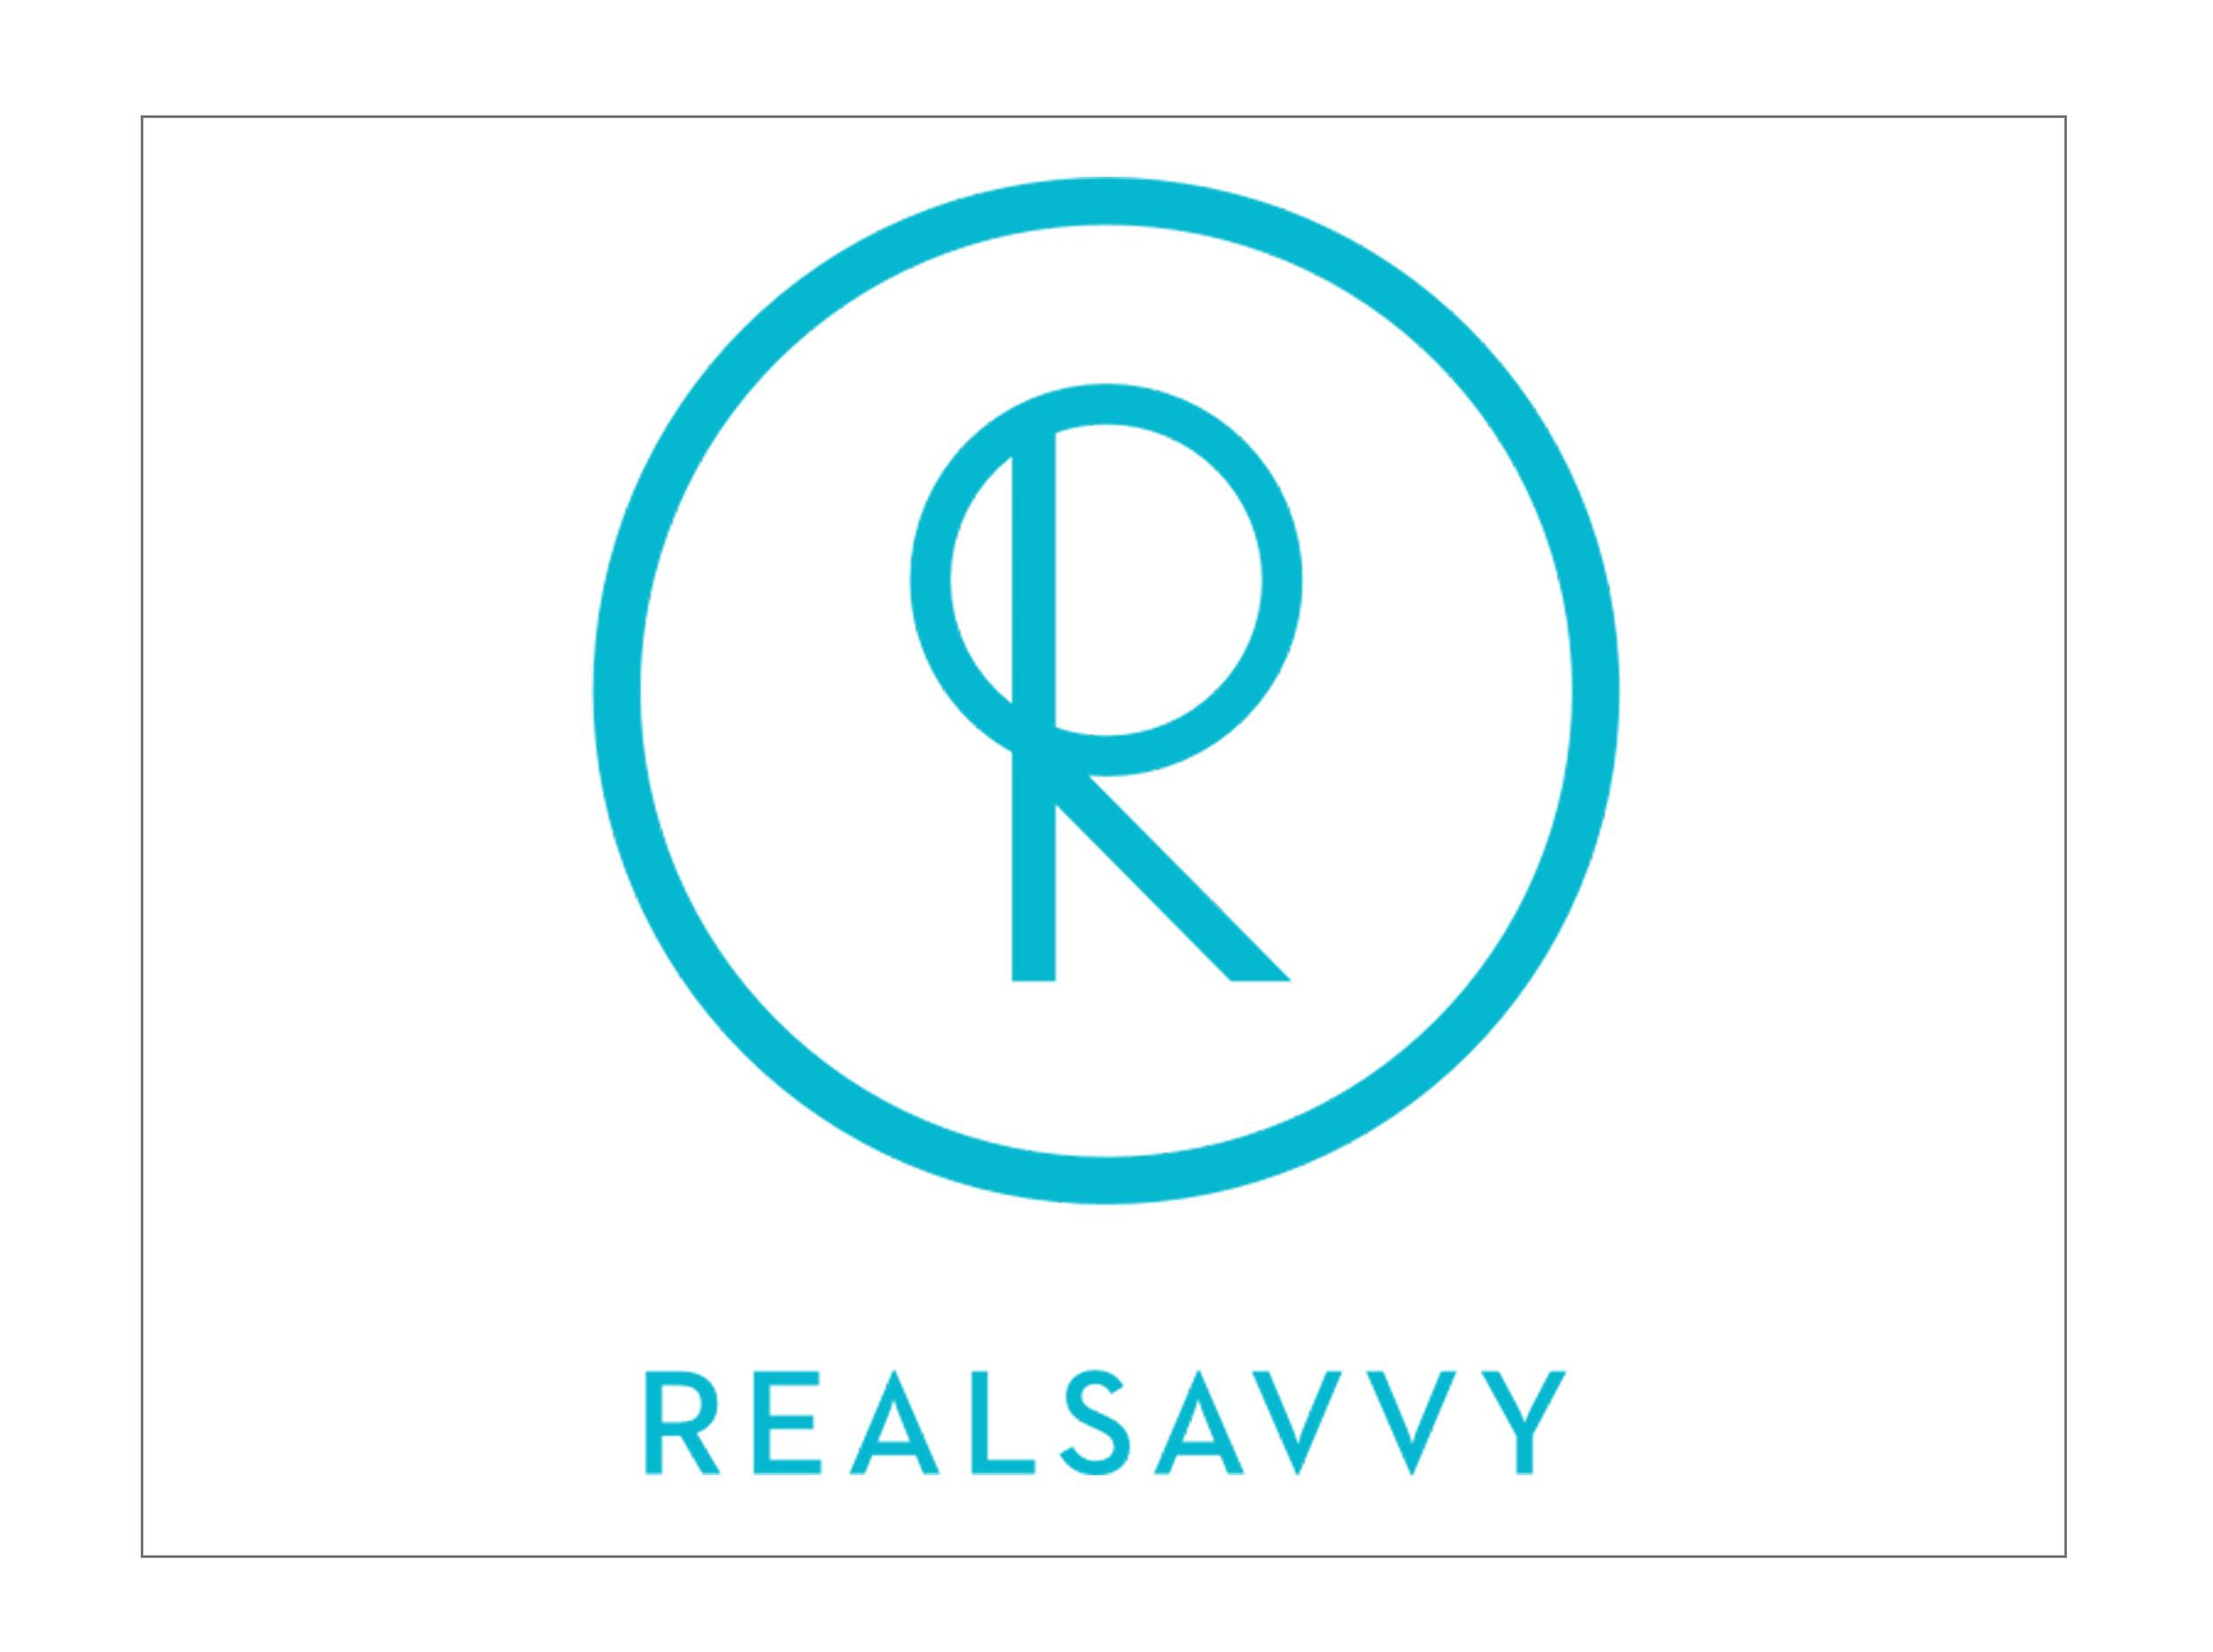 RealSavvy.jpg